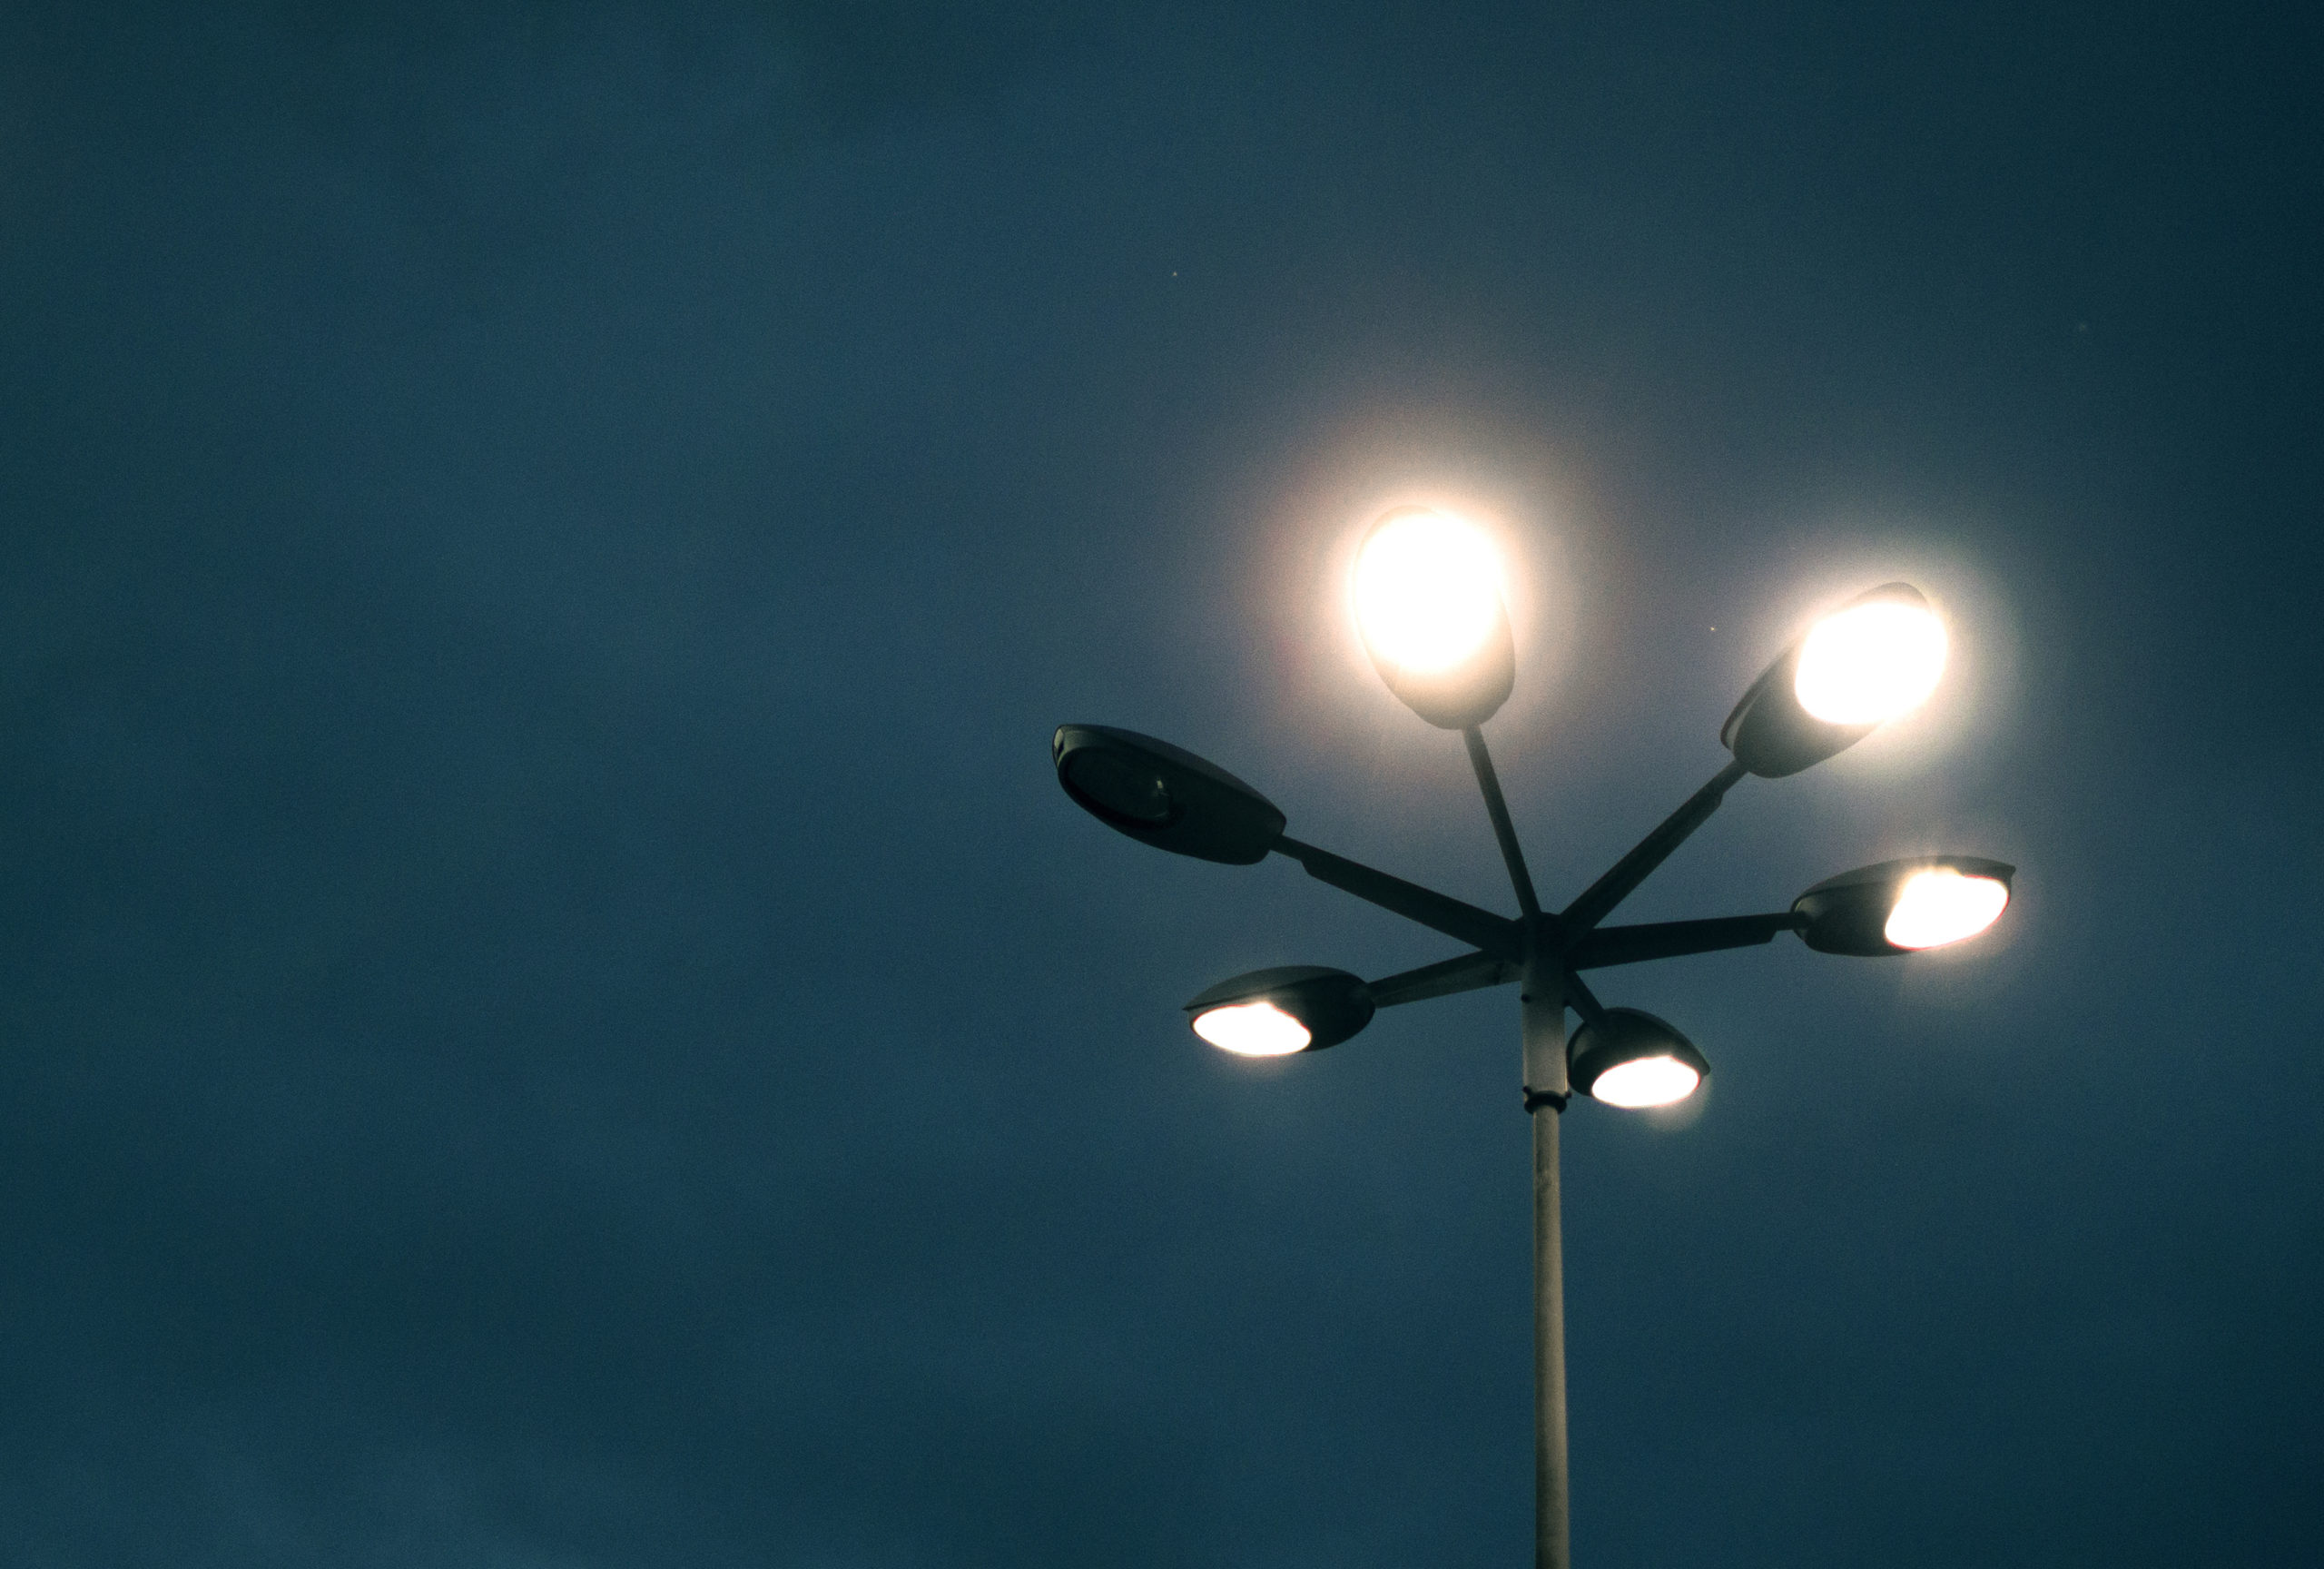 Aménagements urbains - Groupe EnergySolutions